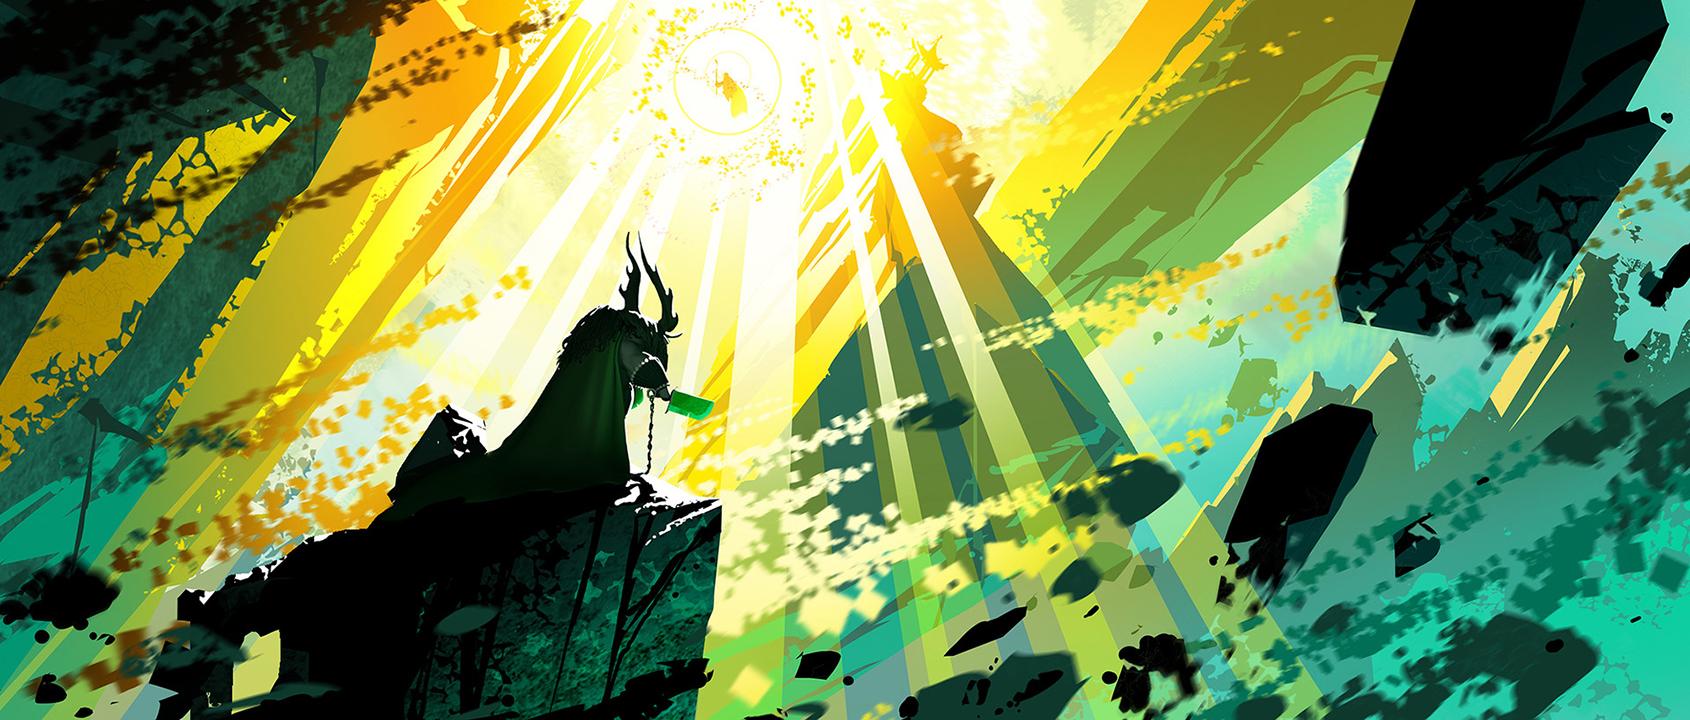 Spirit-realm-visdev2.jpg